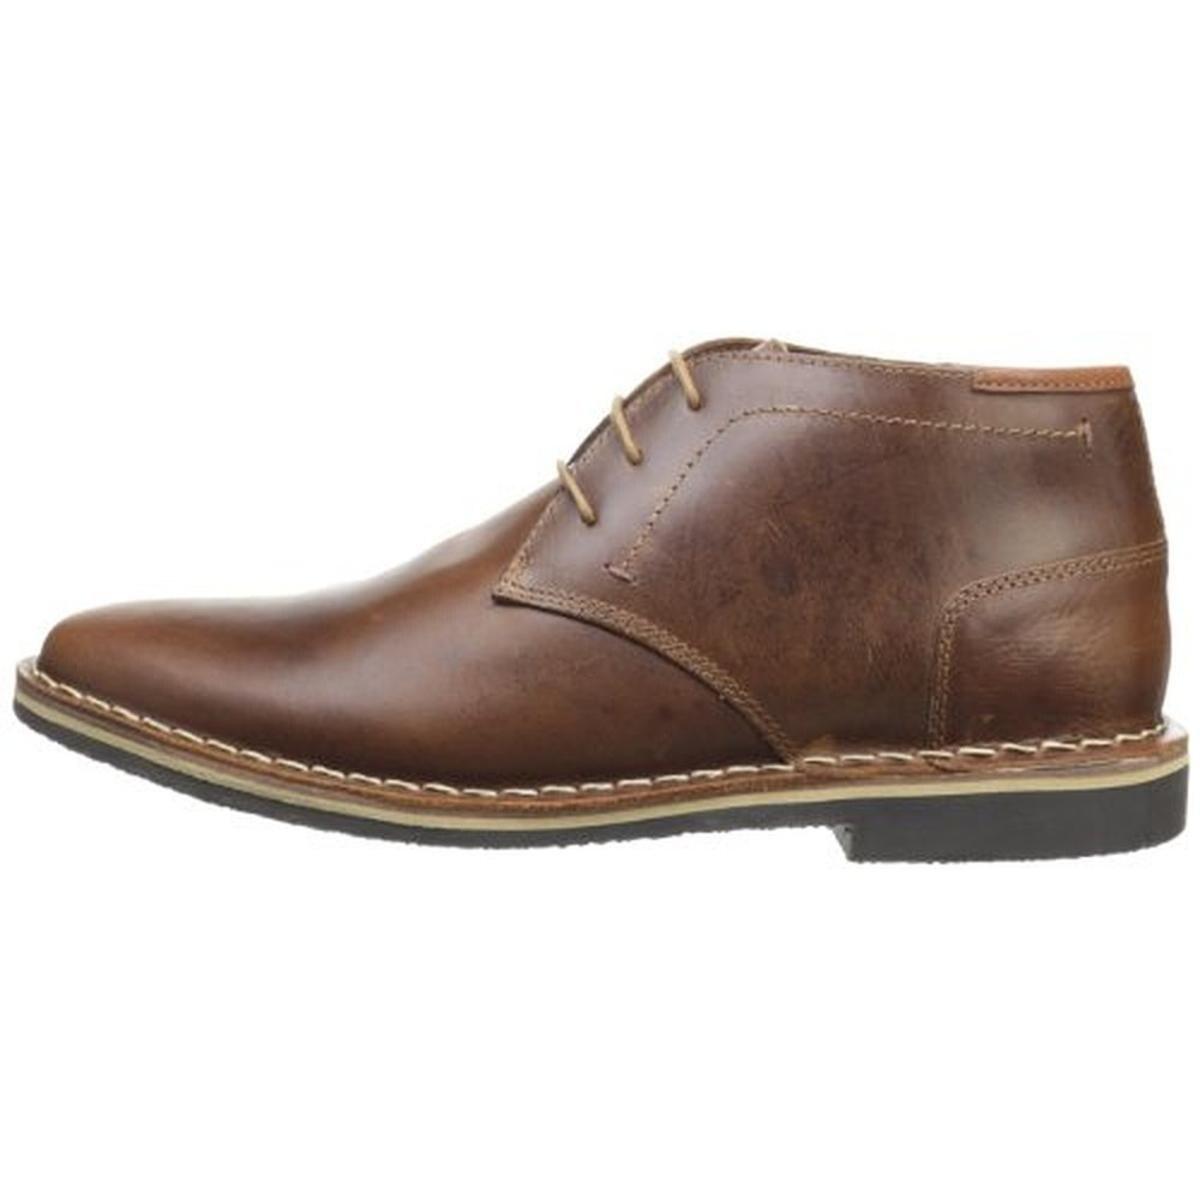 wholesale dealer 244b1 7e753 Steve-Madden-Mens-Harken-Chukka-Boots-Leather-Plain-Toe.jpg